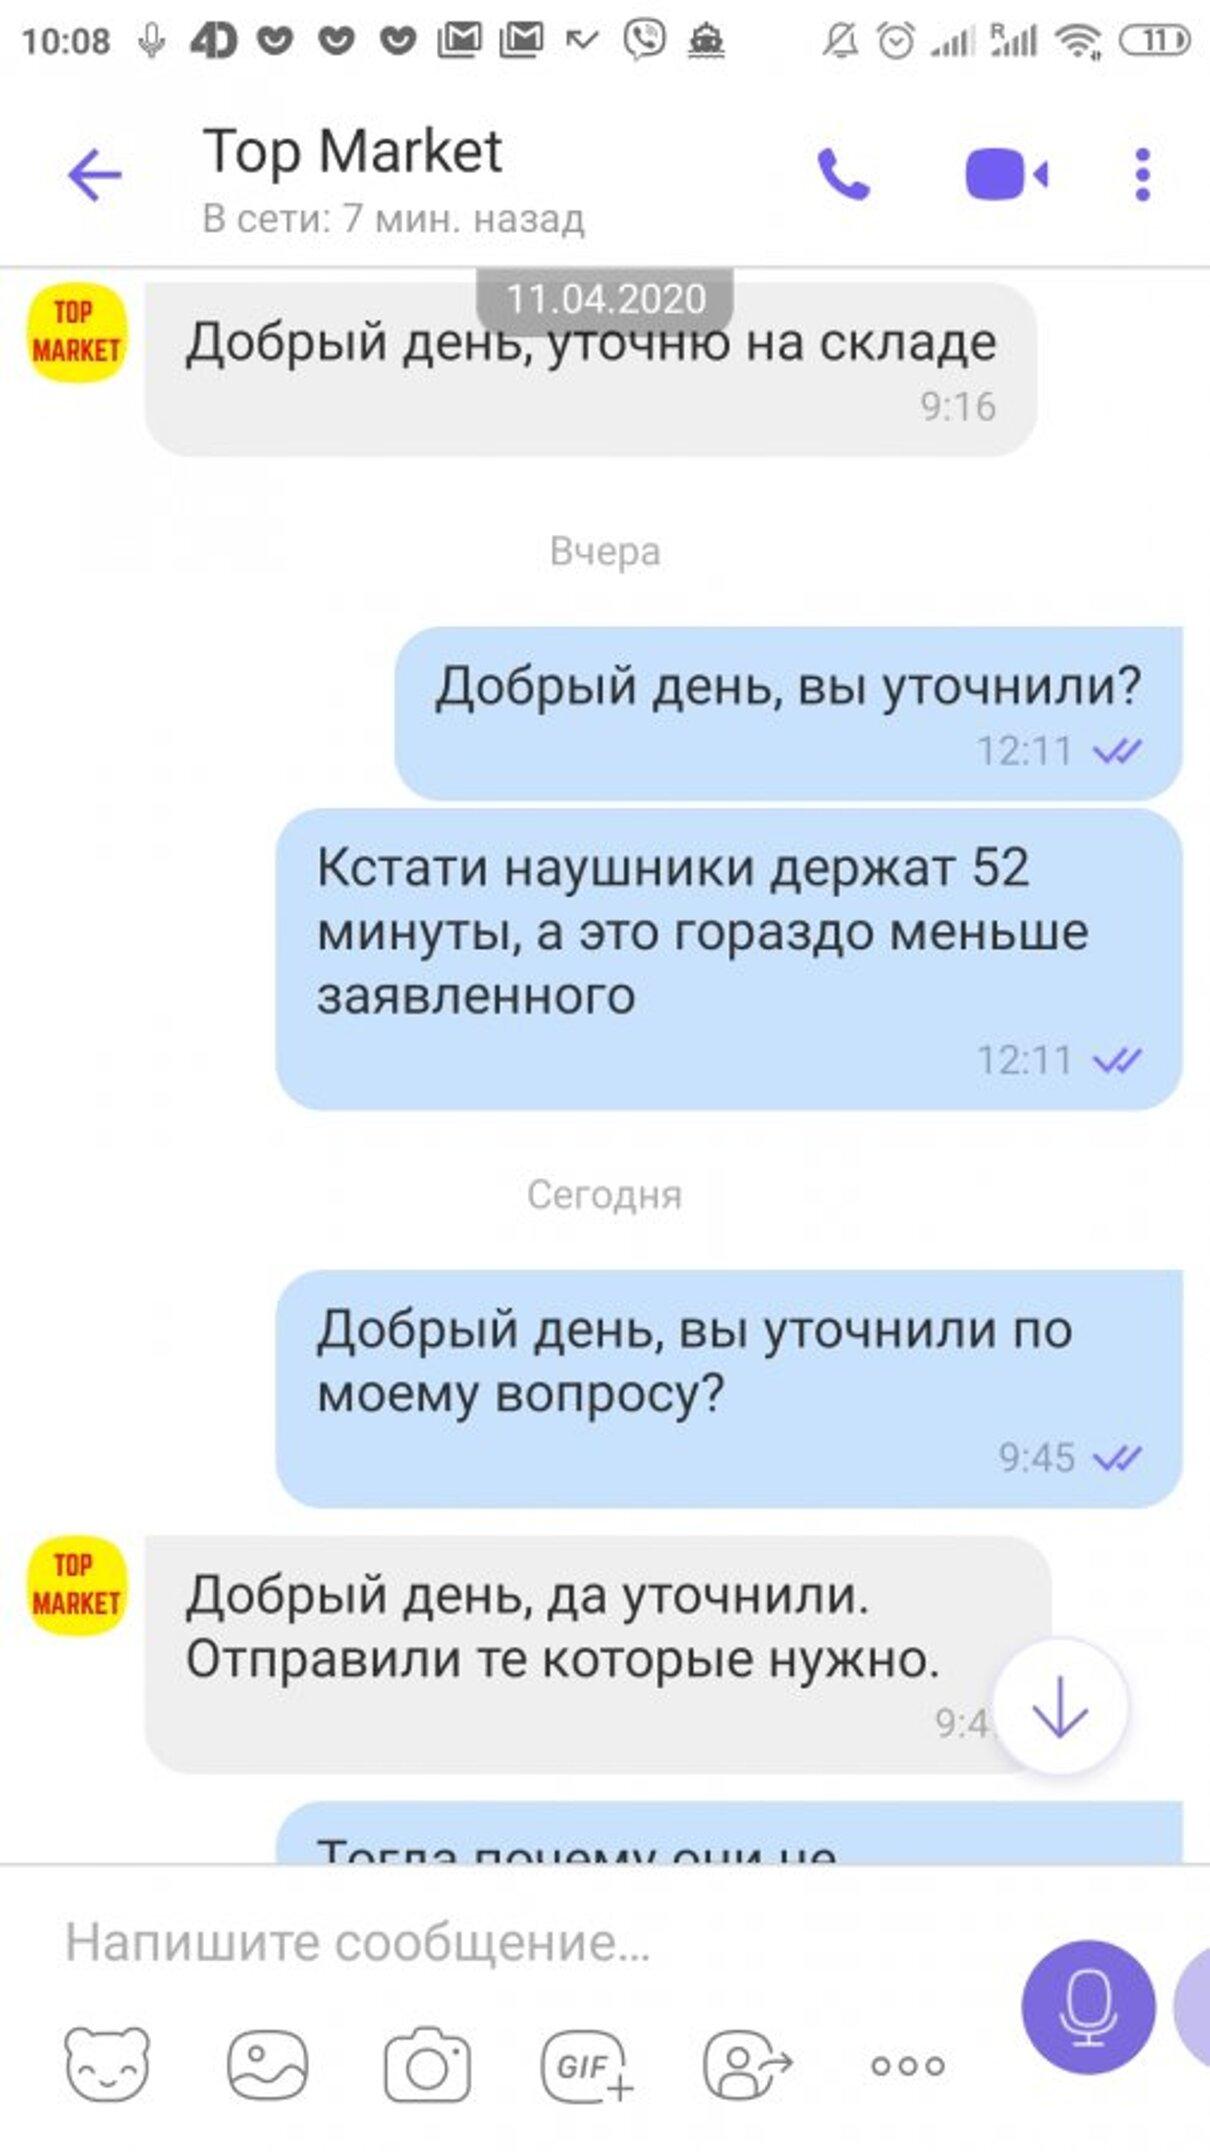 Жалоба-отзыв: Top Market / topmarket1.com.ua / Airpods2 copy - Top Market, Topmarket1.com.ua